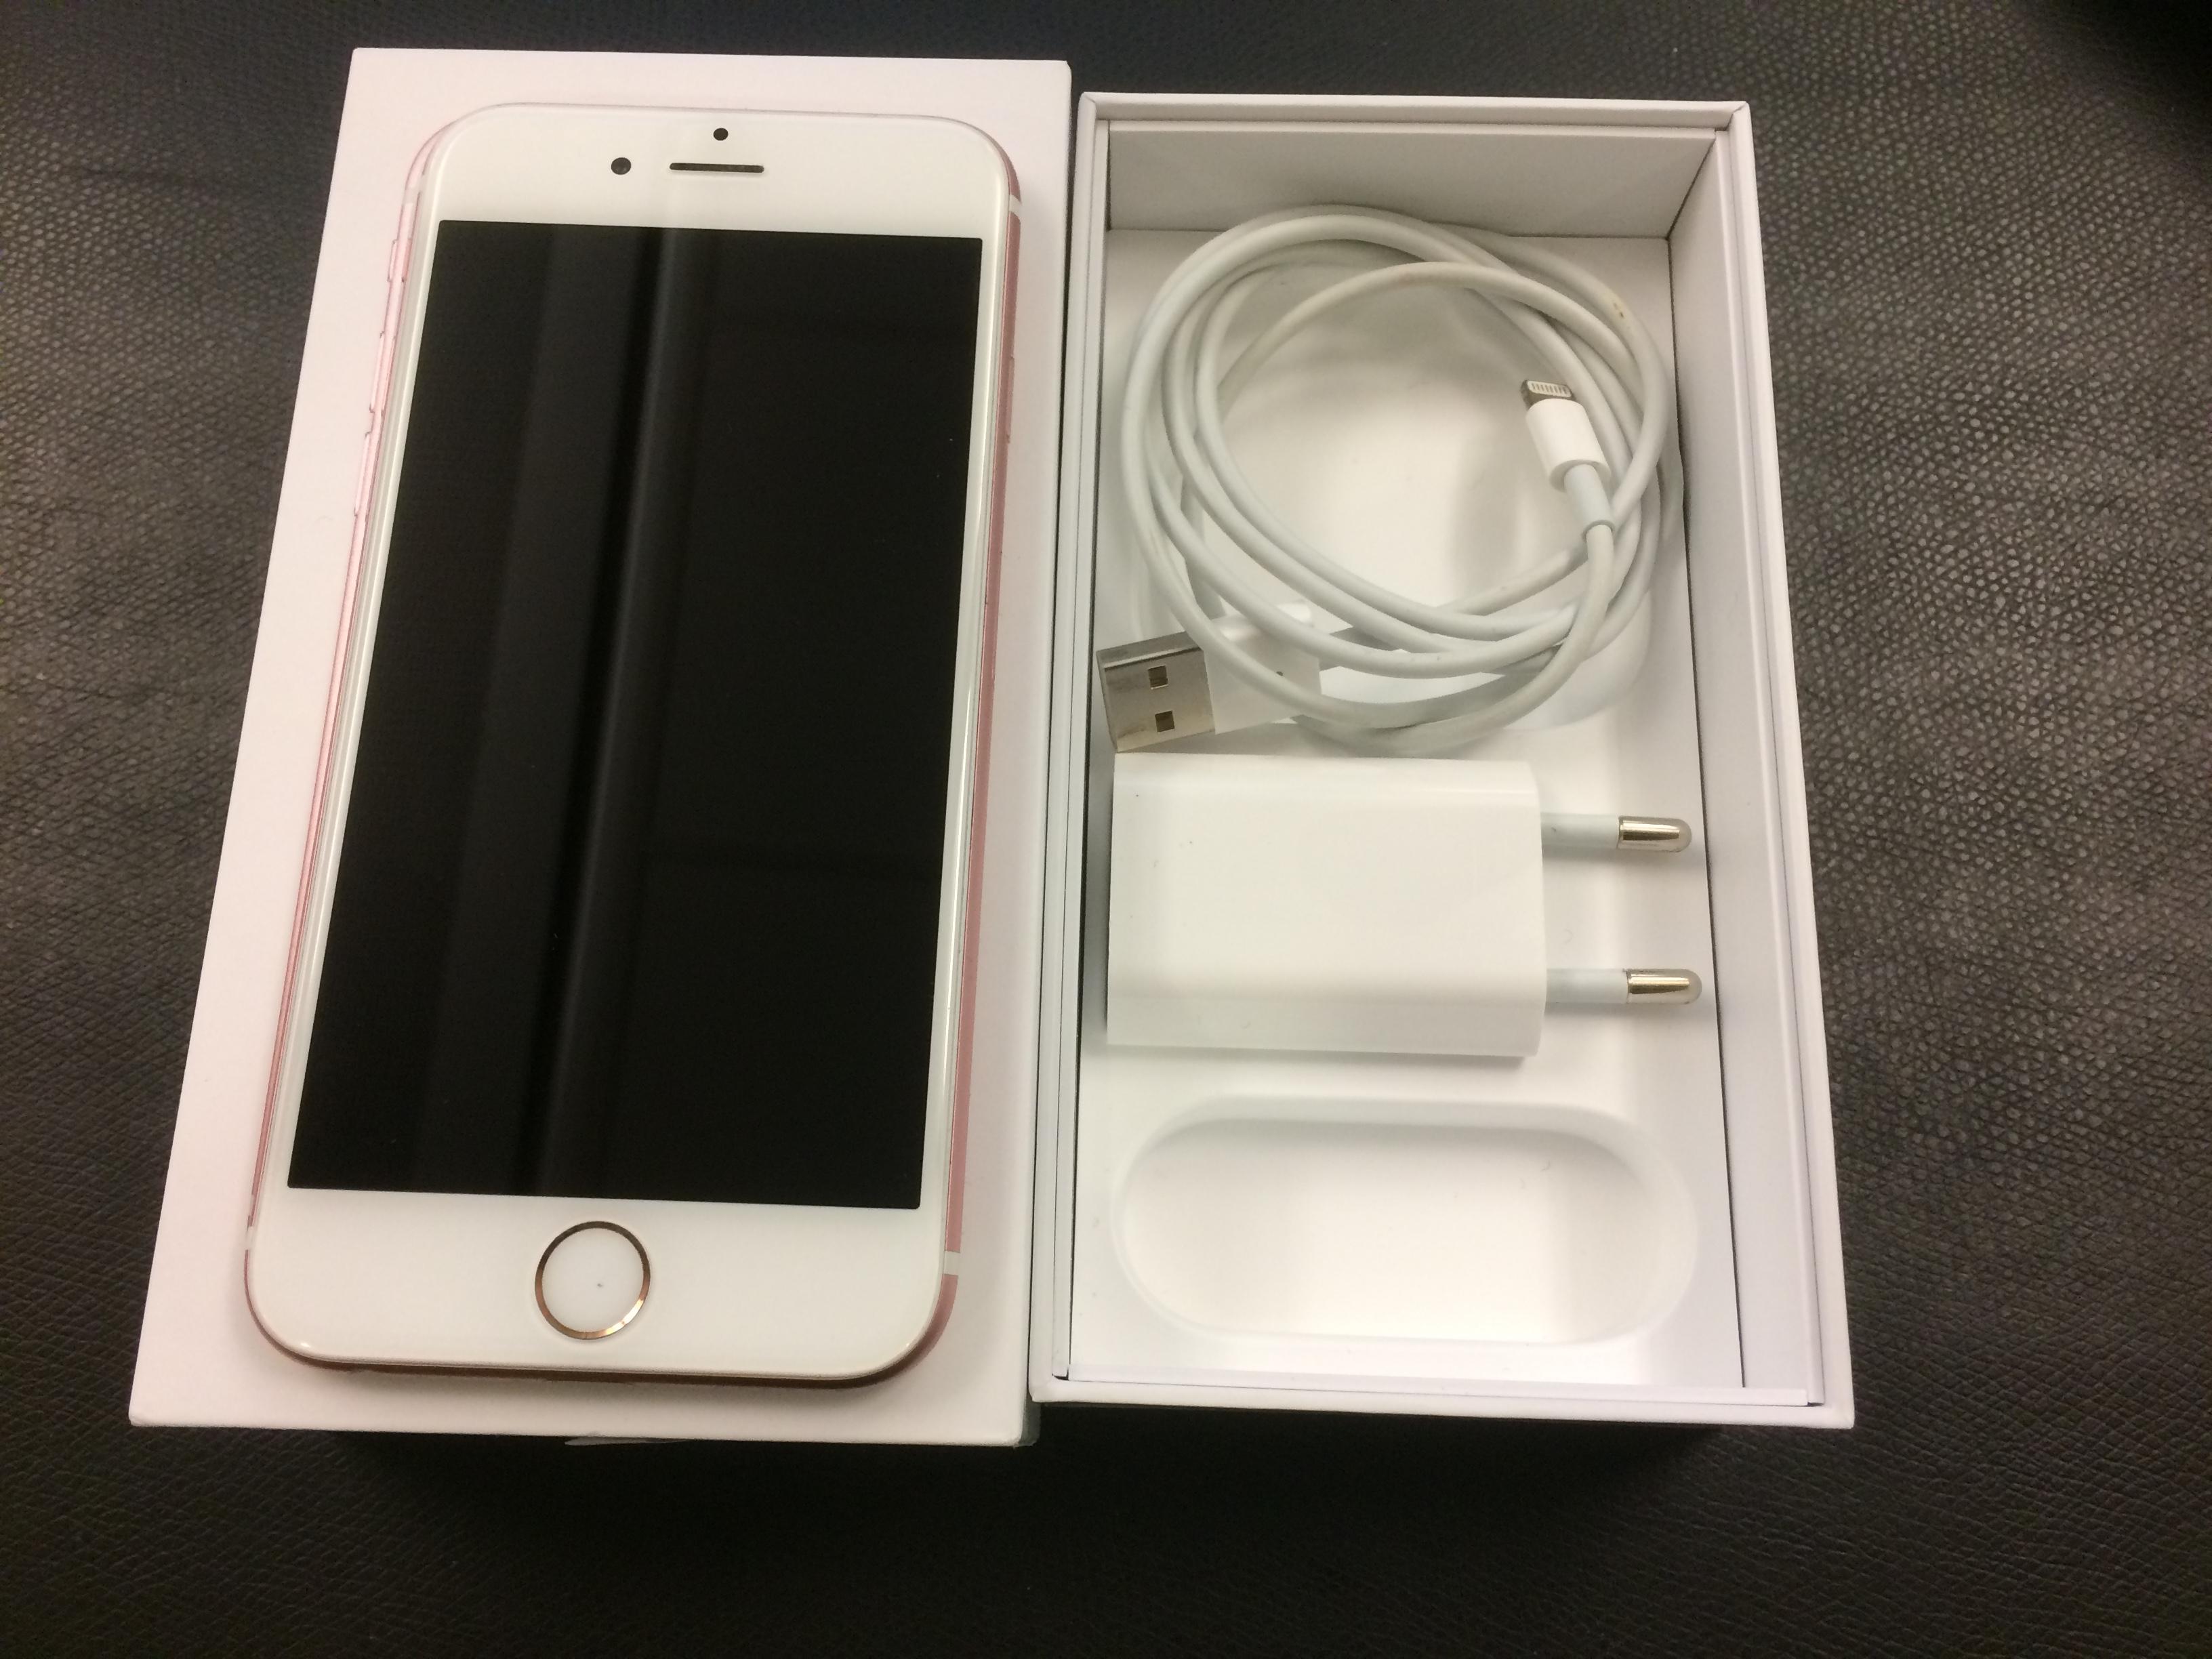 iPhone 6S 16GB, 16GB, ROSE GOLD, bild 1